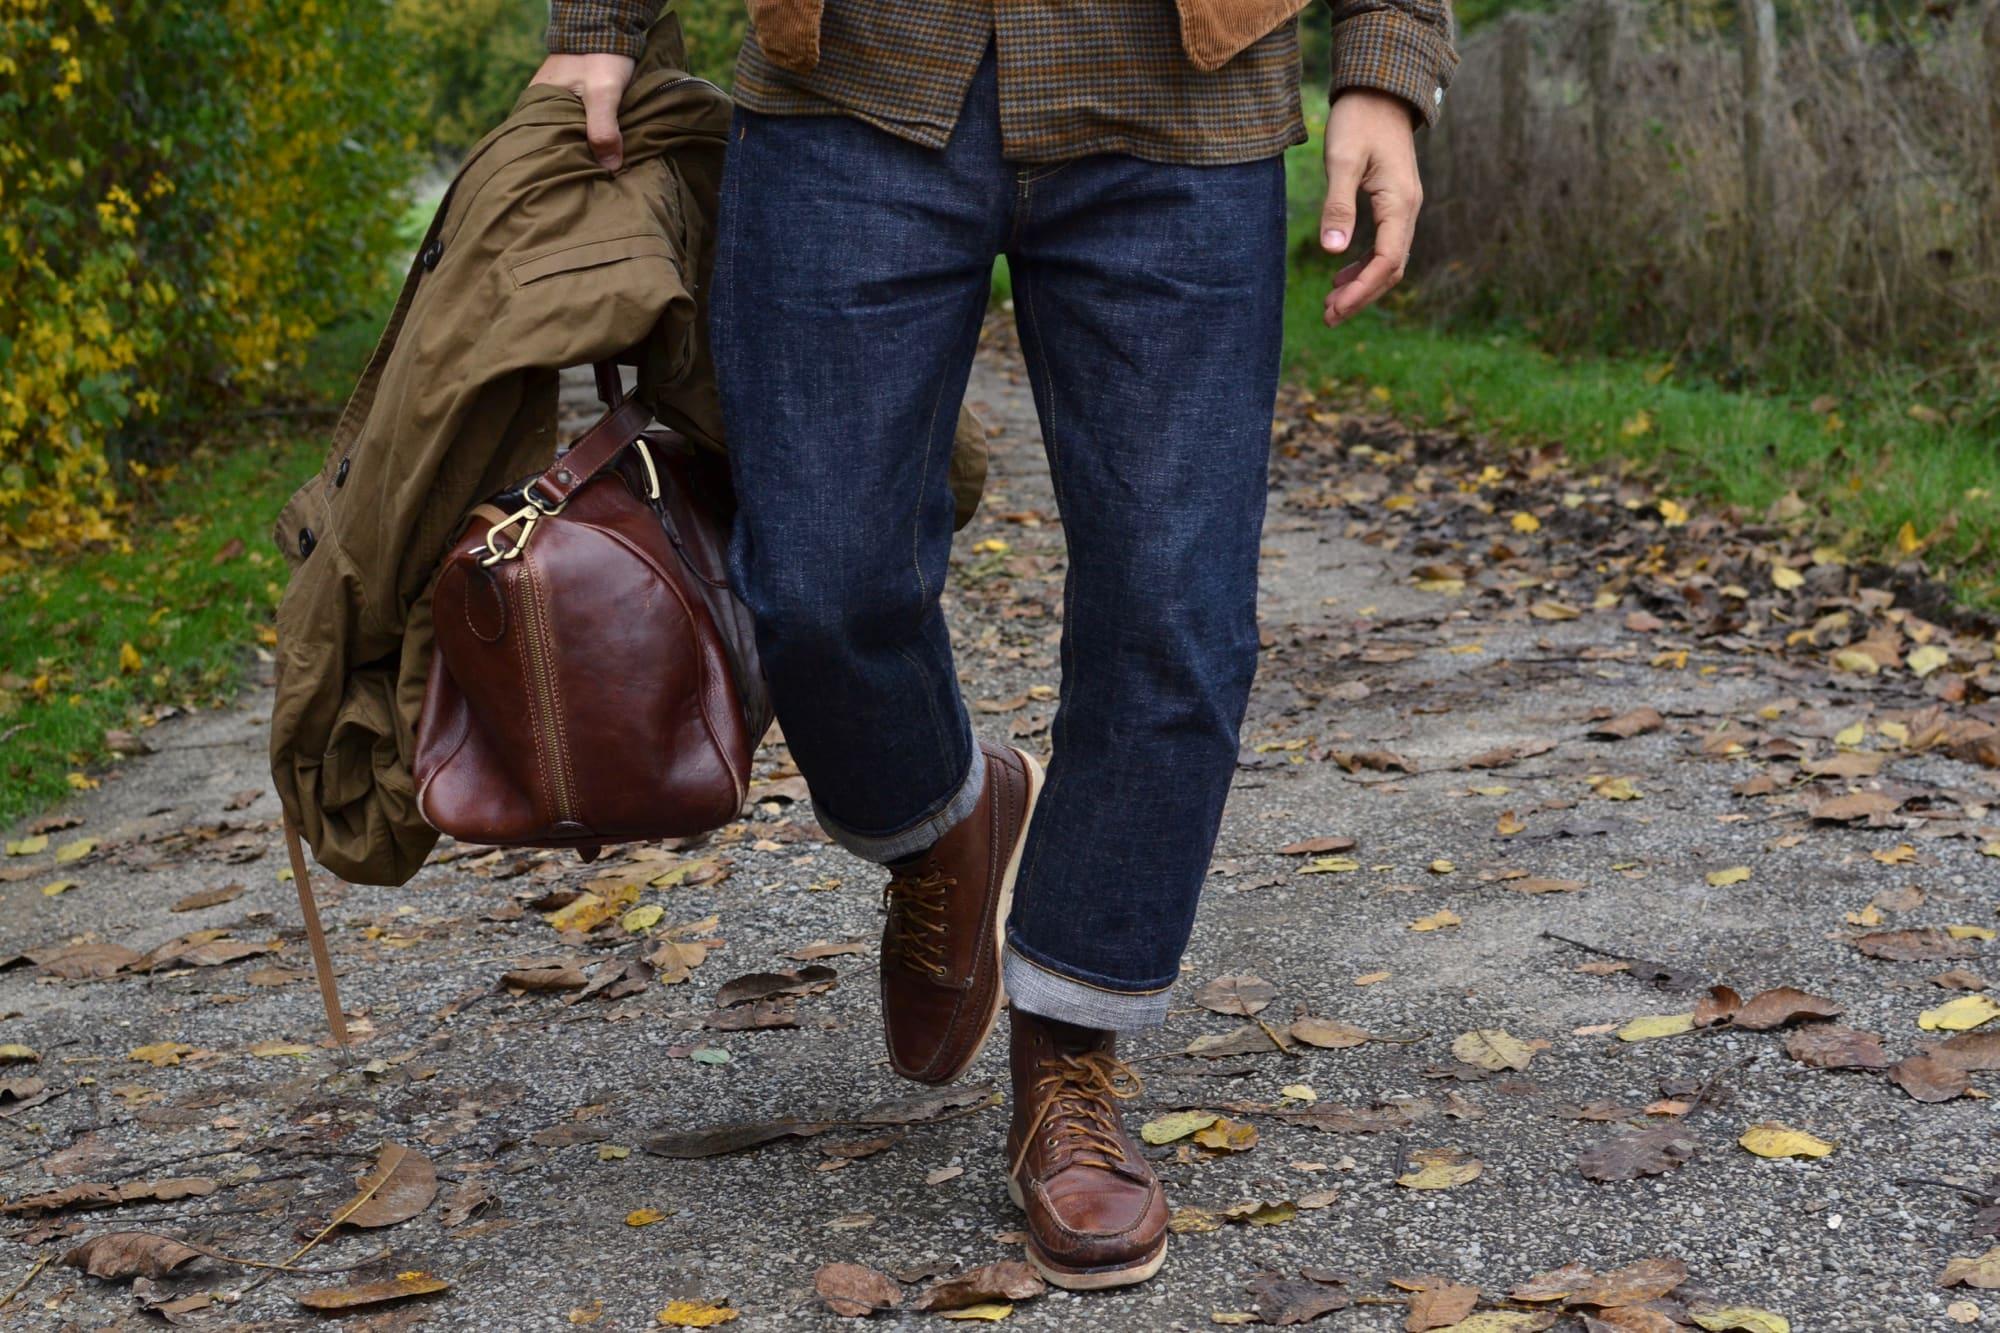 comment porter un jean brut selvedge 16oz comme le Phi denim dans un style street heritage workwear